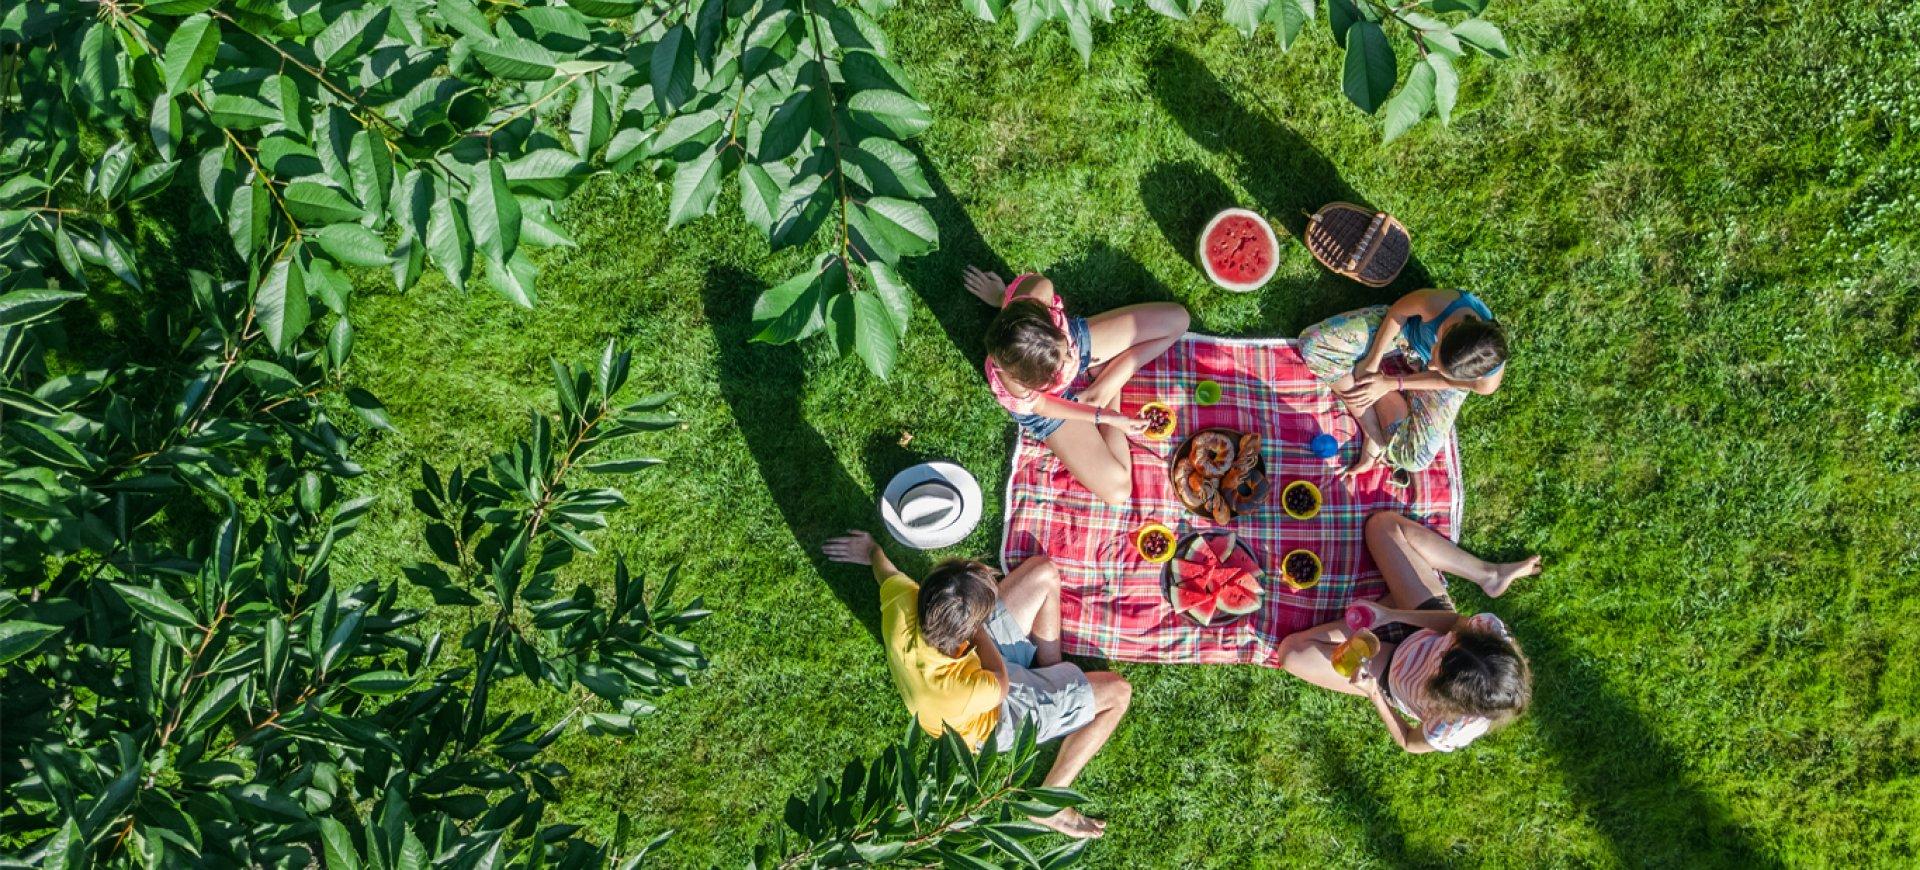 Natura & relaks nad Jeziorem Zegrzyńskim